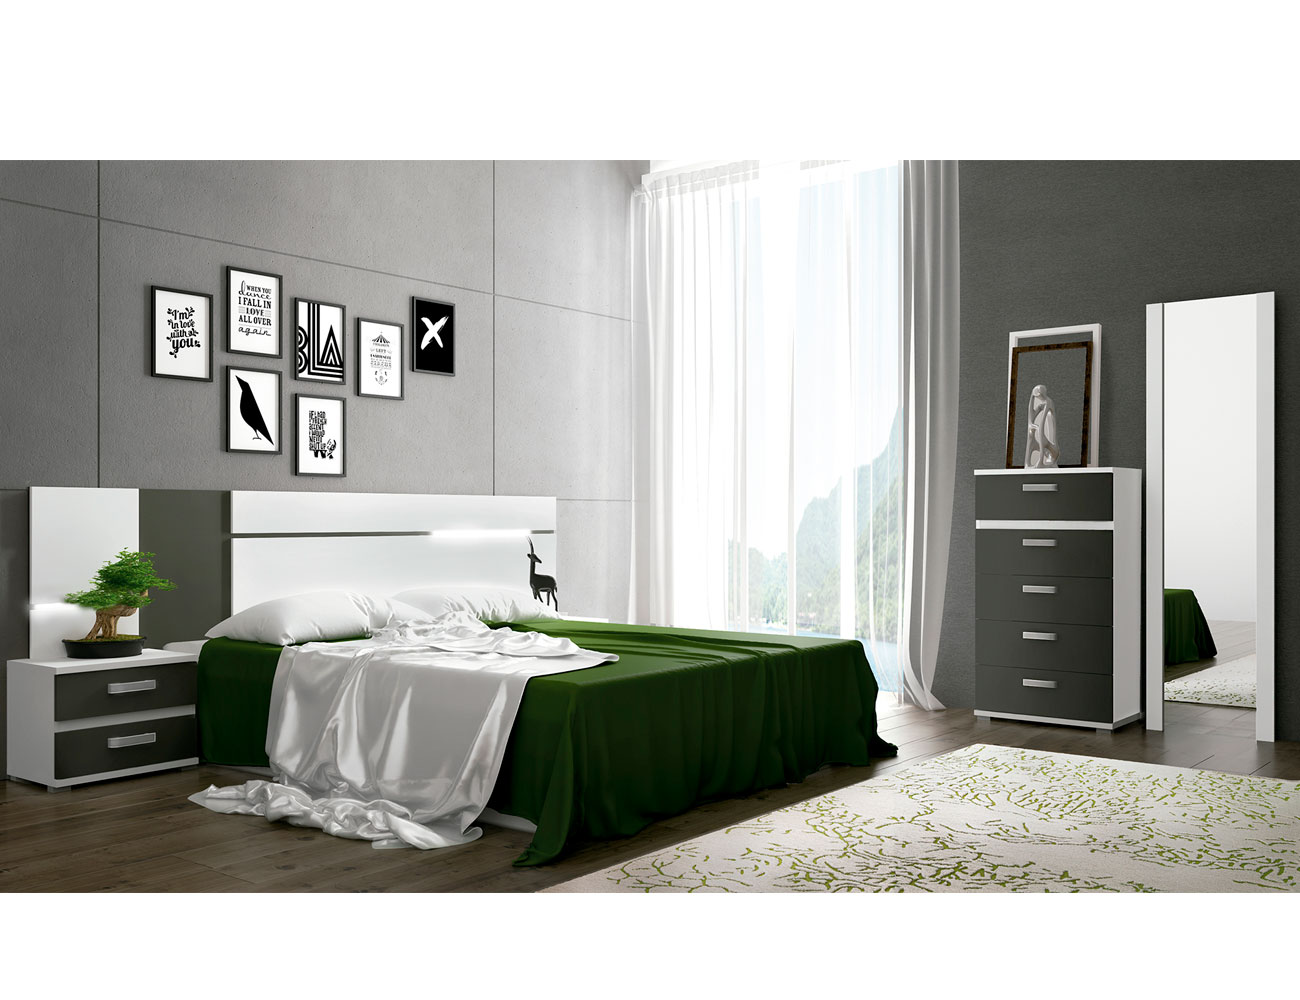 Dormitorio matrimonio blanco grafito cabra 1